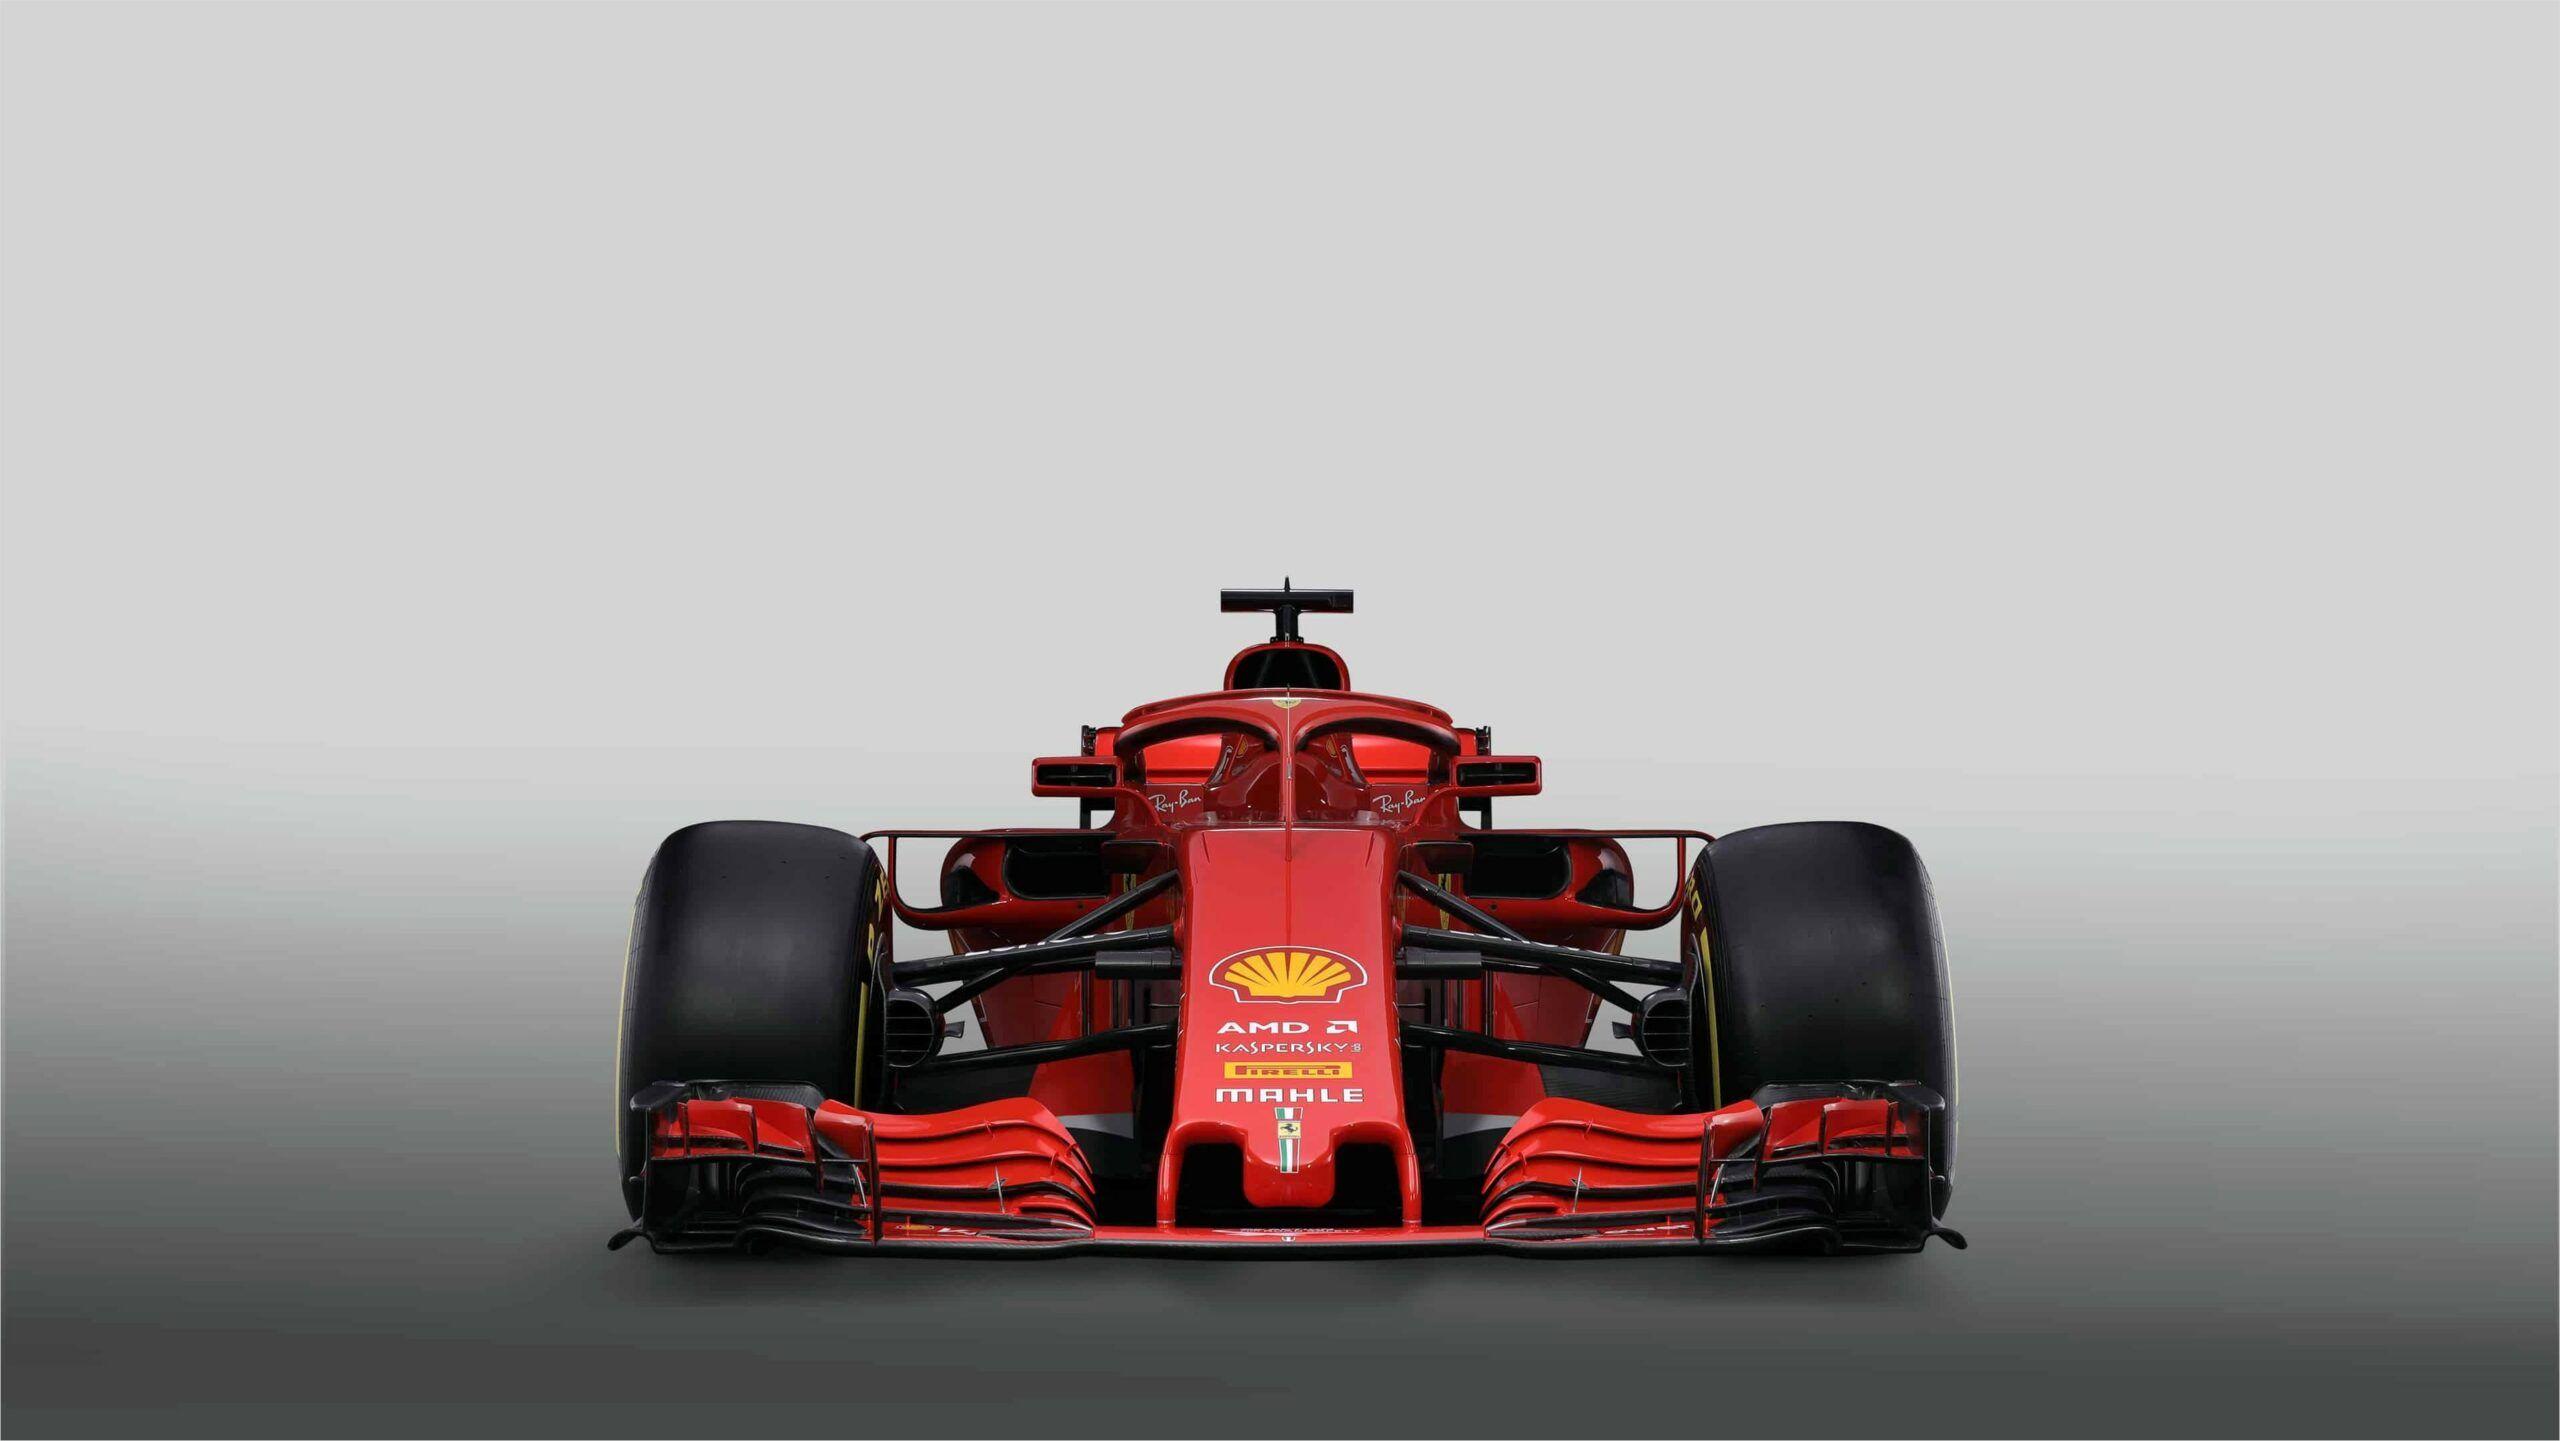 4k Ferrari F1 Wallpaper In 2020 Ferrari F1 Ferrari New Ferrari